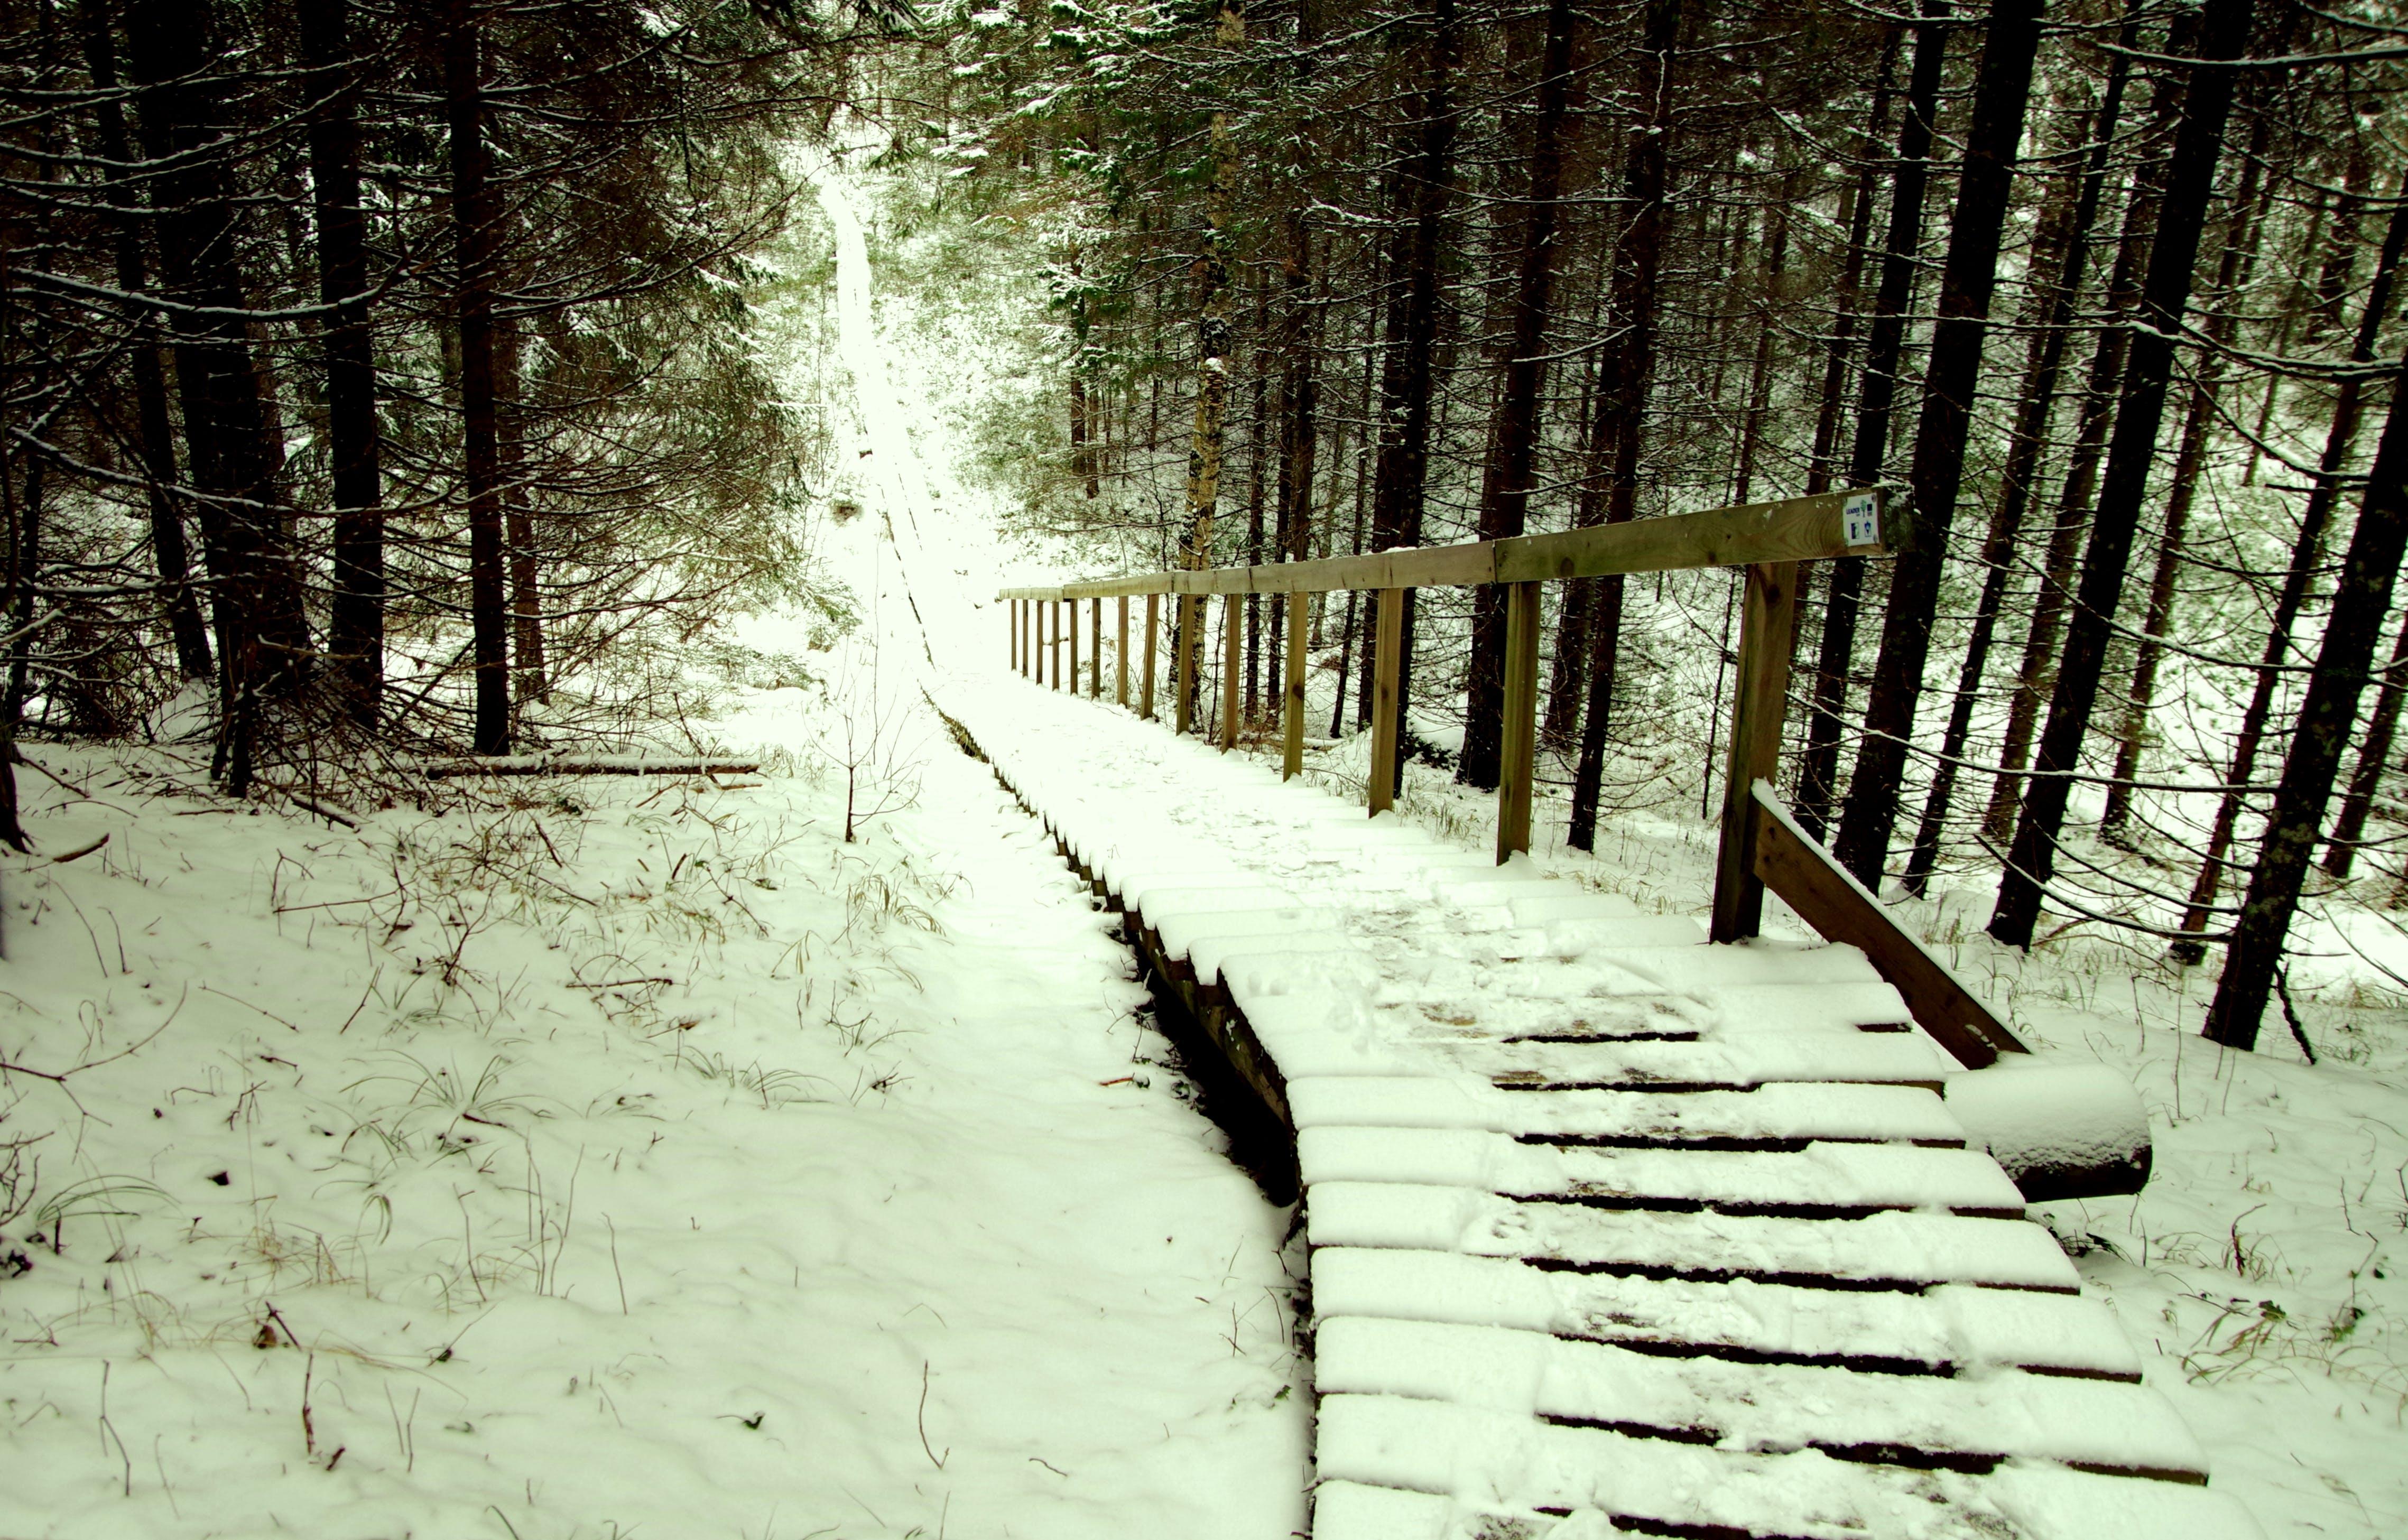 drzewa, las, lód